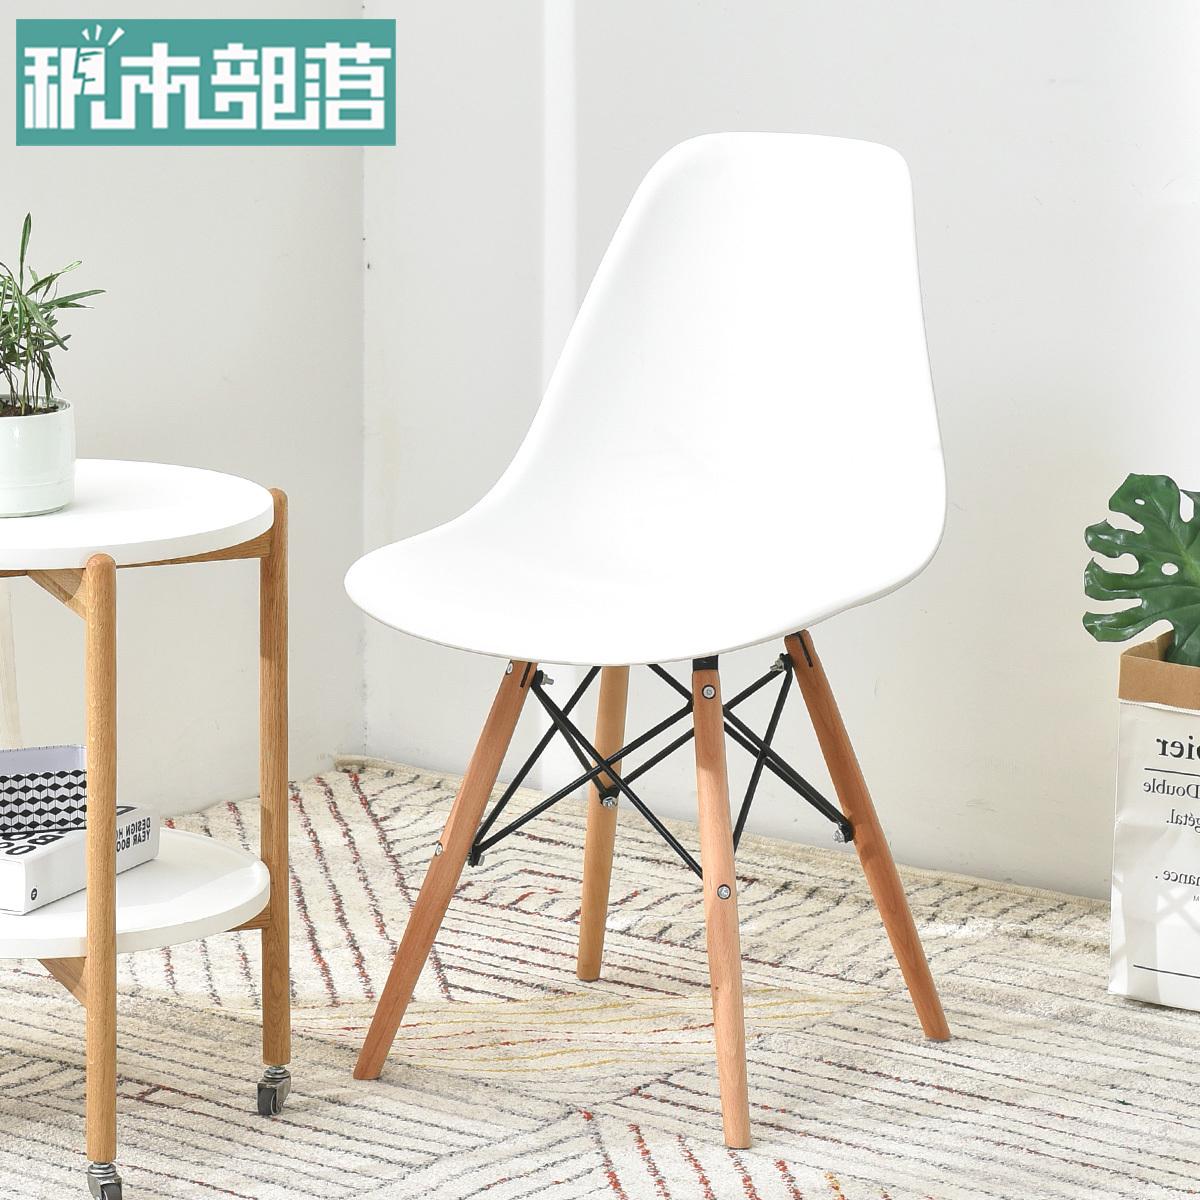 Строительные блоки племя ирак уильямс стул современный простой спинка стула домой письменный стол стул бездельник творческий стул нордический стул